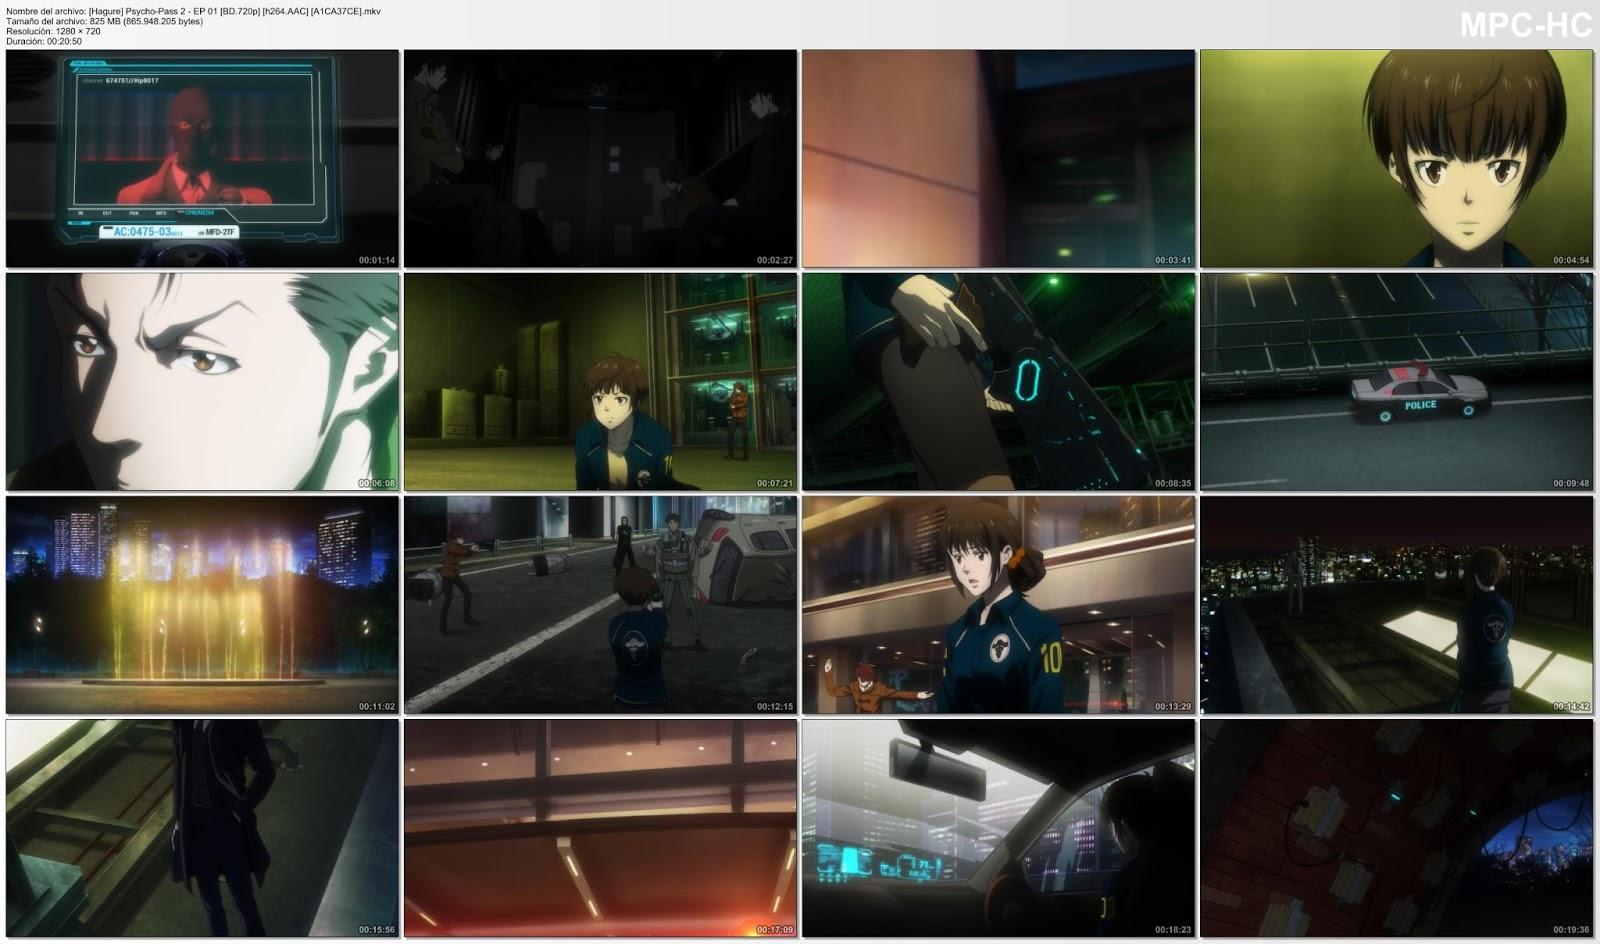 Anime-TéConPastas (Psycho Pass 2 VOSE 720 (10bits) MKV)